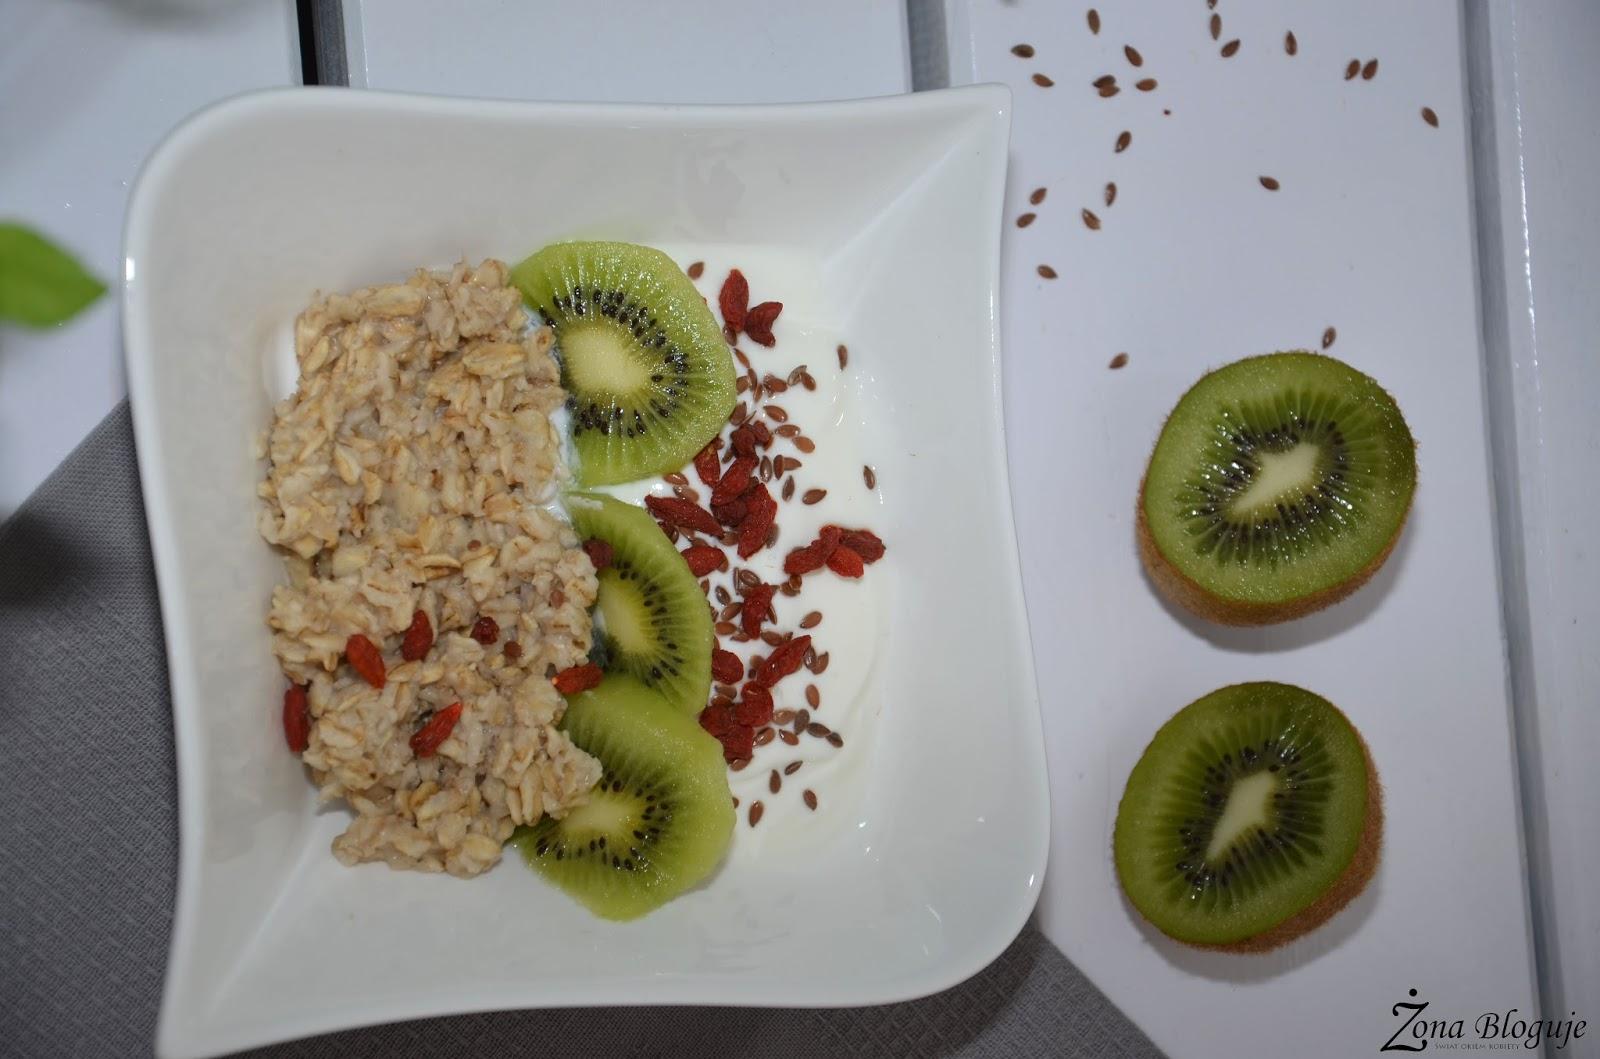 Prosty przepis na zdrowe śniadanie, czyli owsianka z jogurtem!